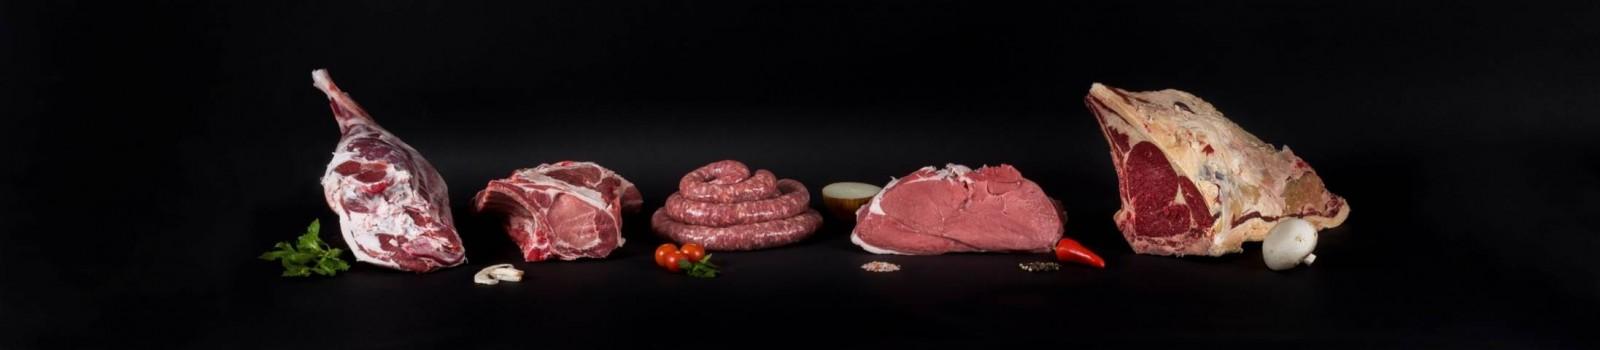 Colis de viande - Viandes du Sud Toulousain